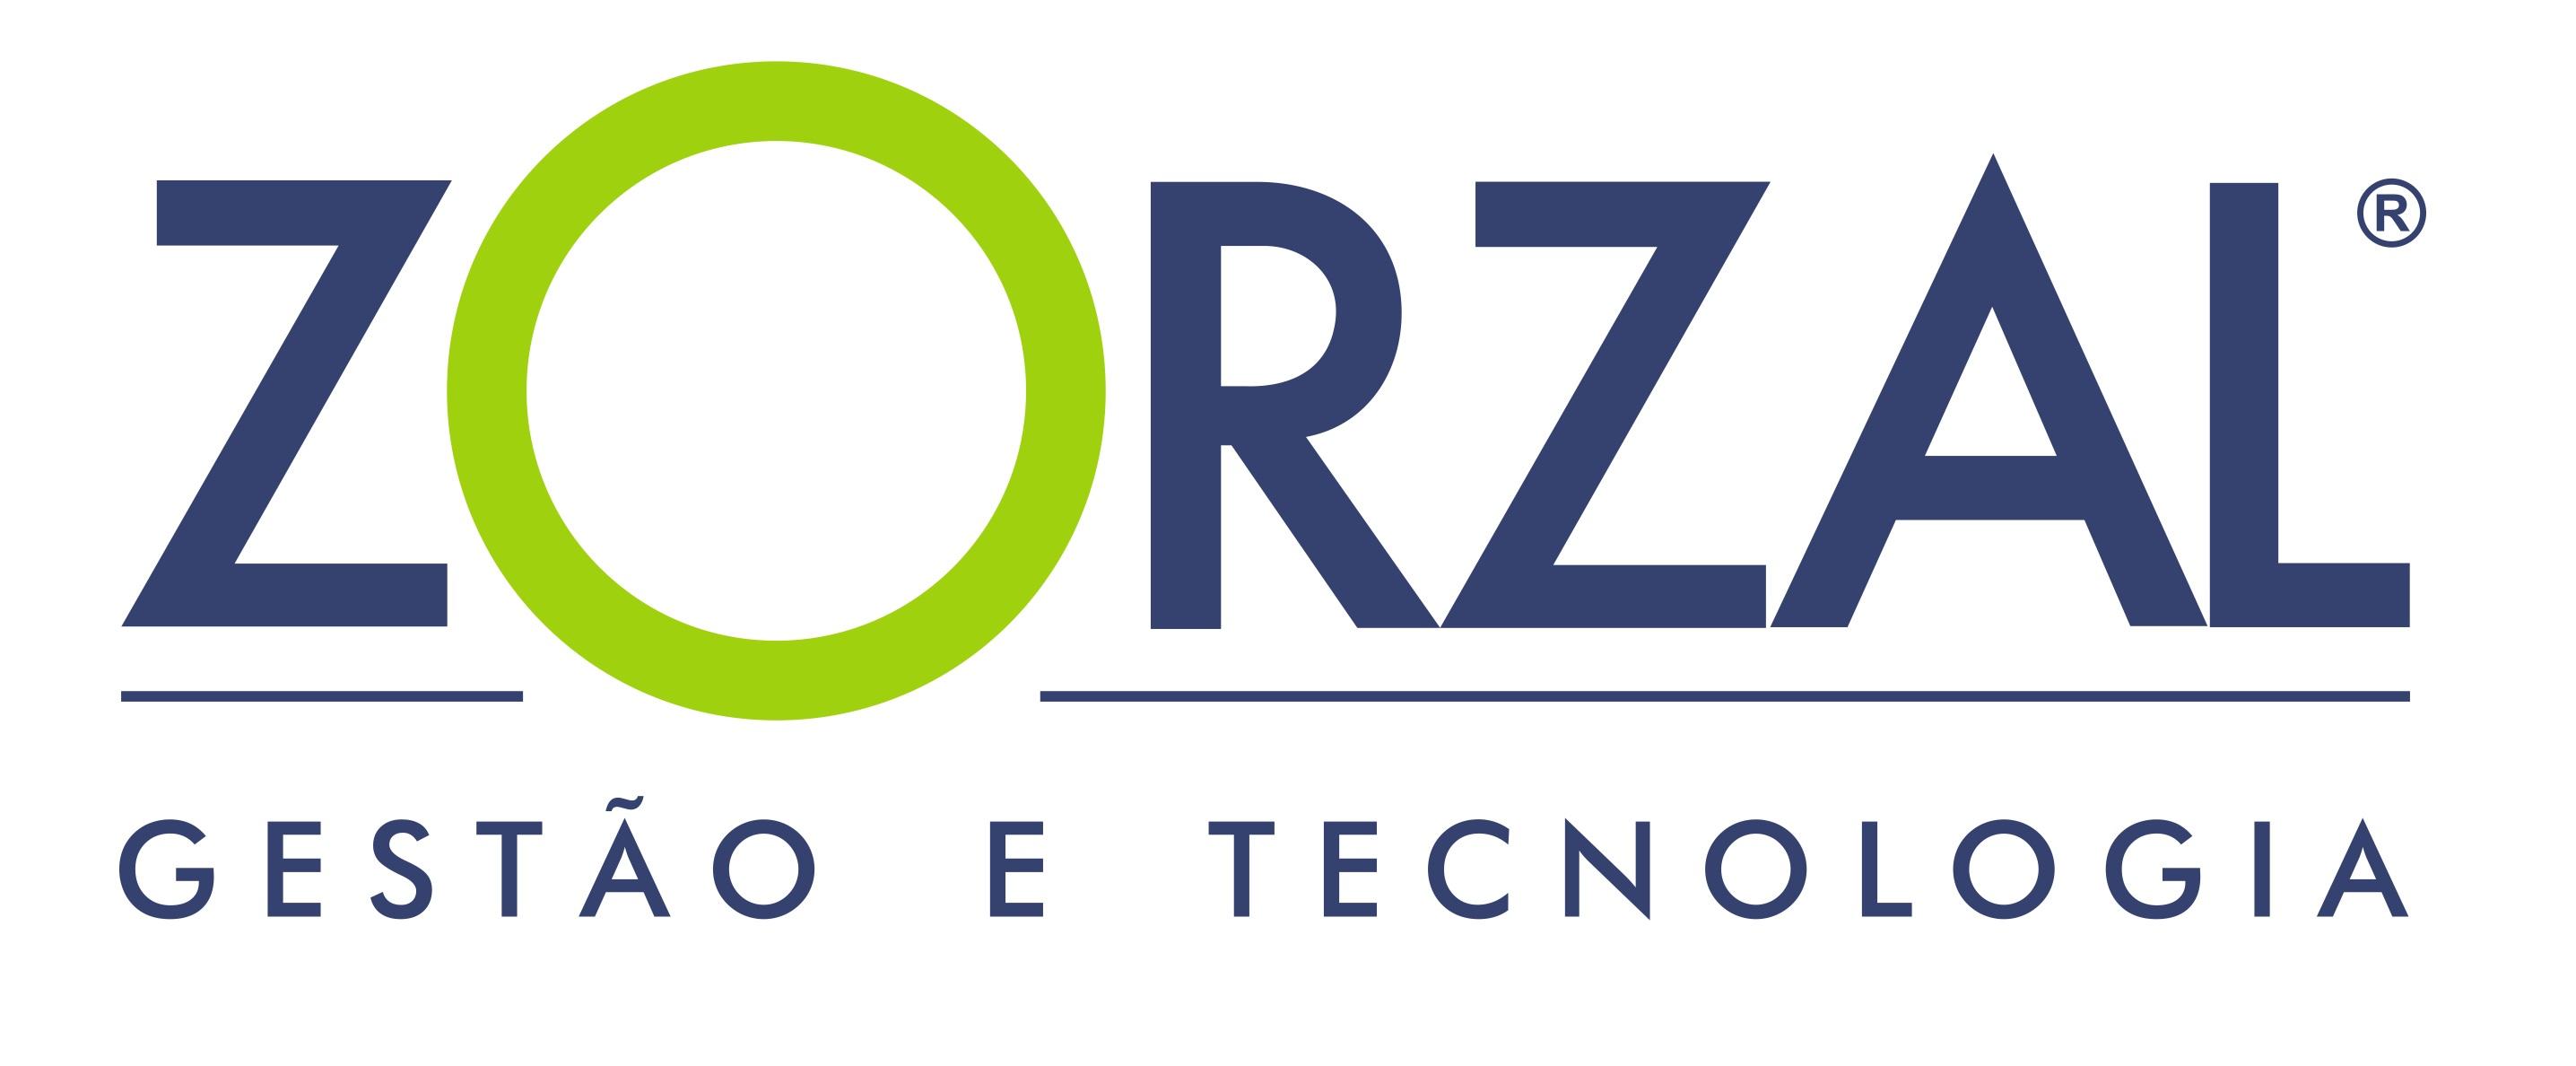 Aprende Online - Zorzal Gestão e Tecnologia